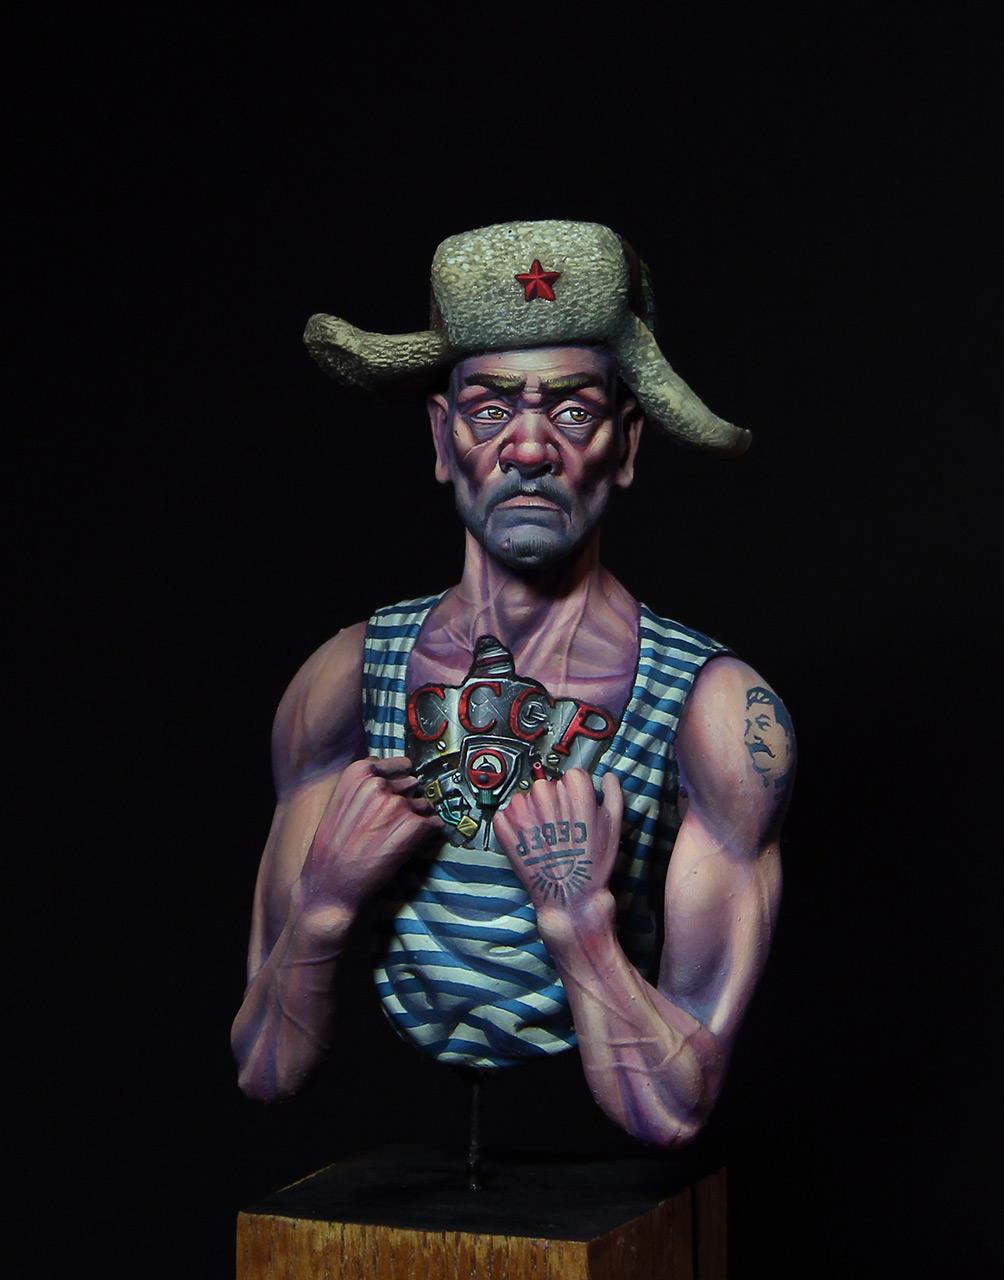 Разное: Старик Киберович, фото #1